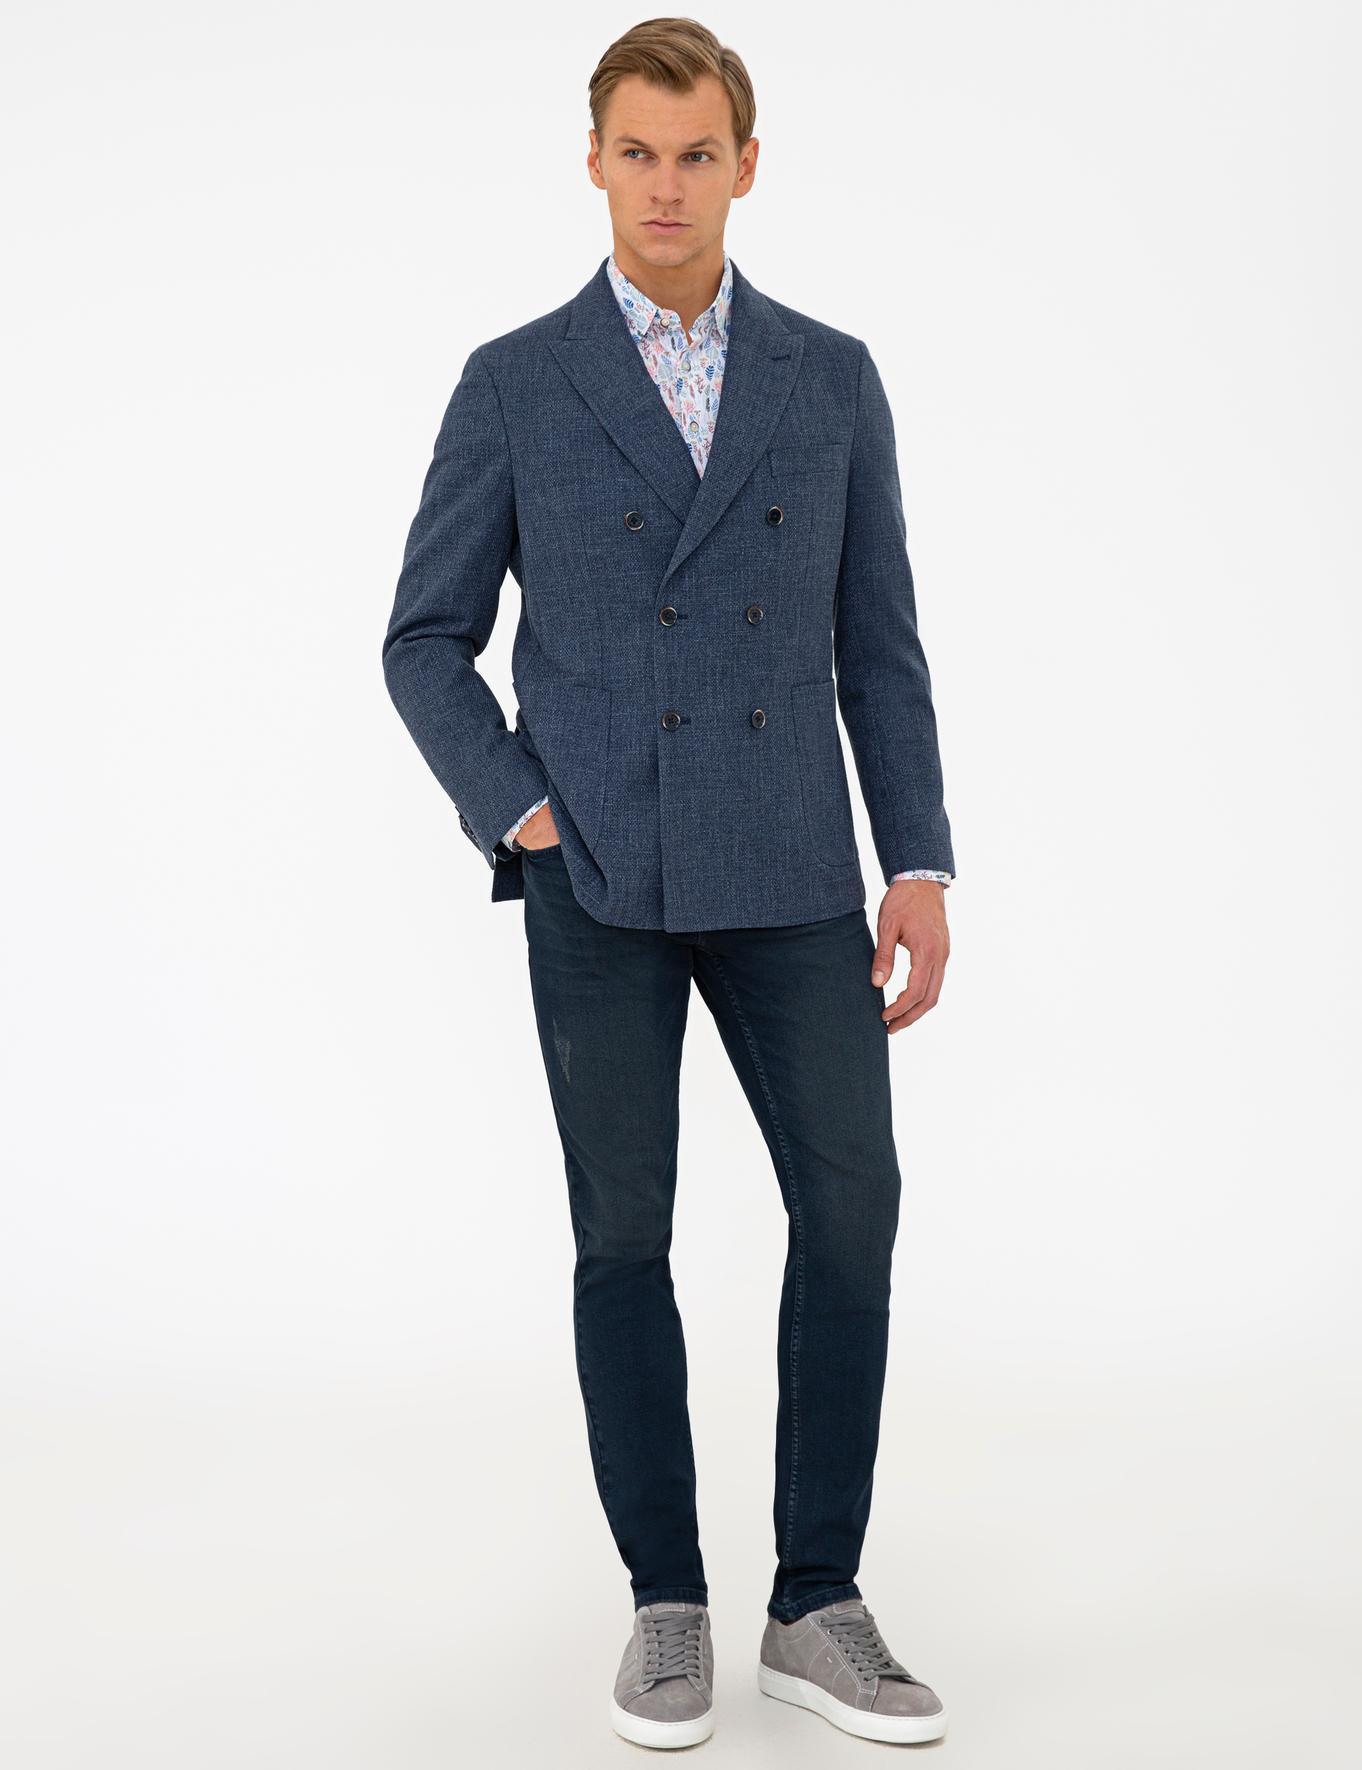 Mavi Slim Fit Kruvaze Ceket